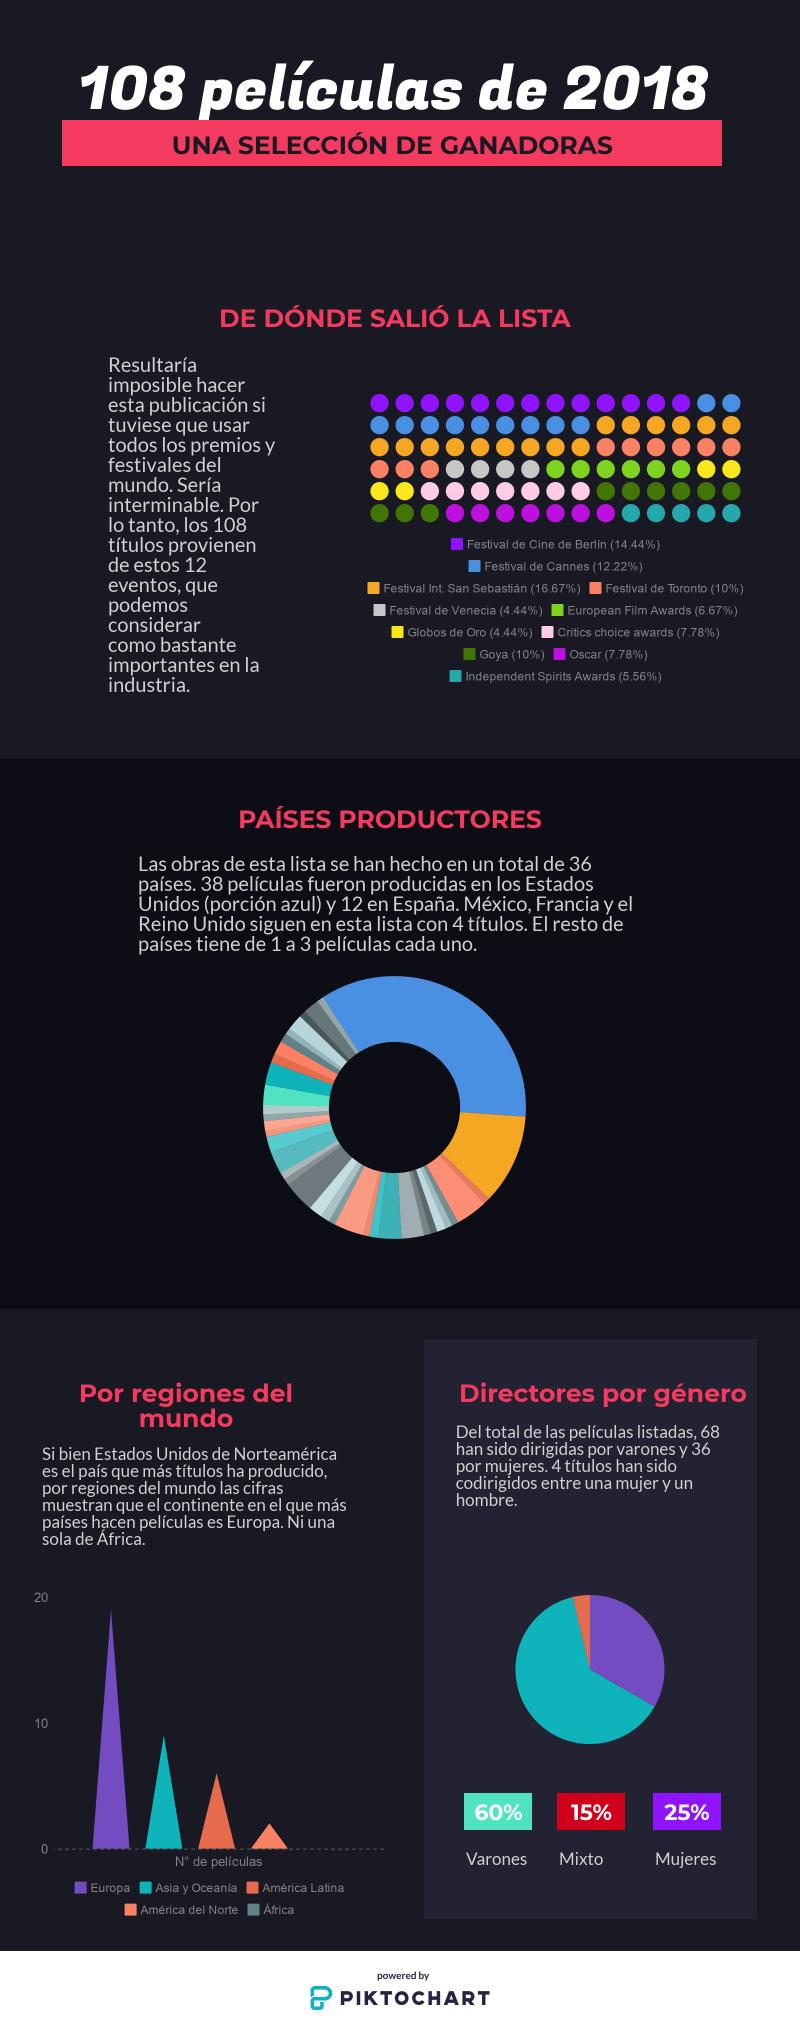 180 películas de 2018